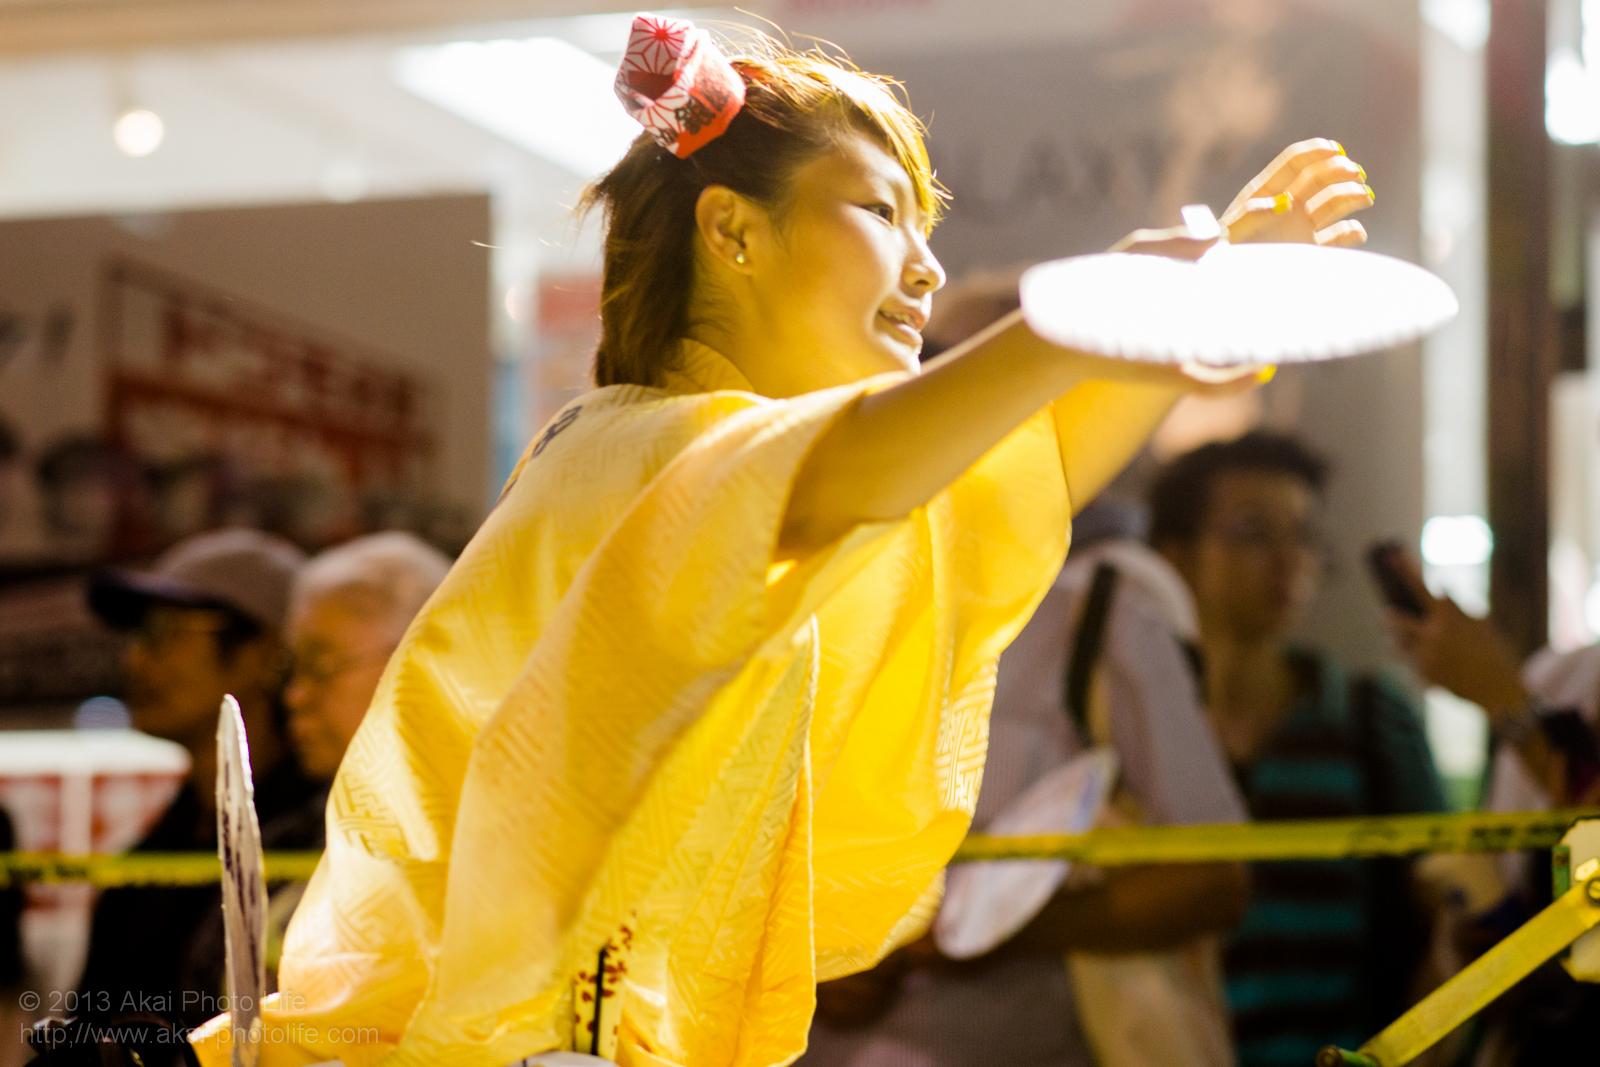 三鷹阿波踊り、みたか銀座連の女性の団扇踊り